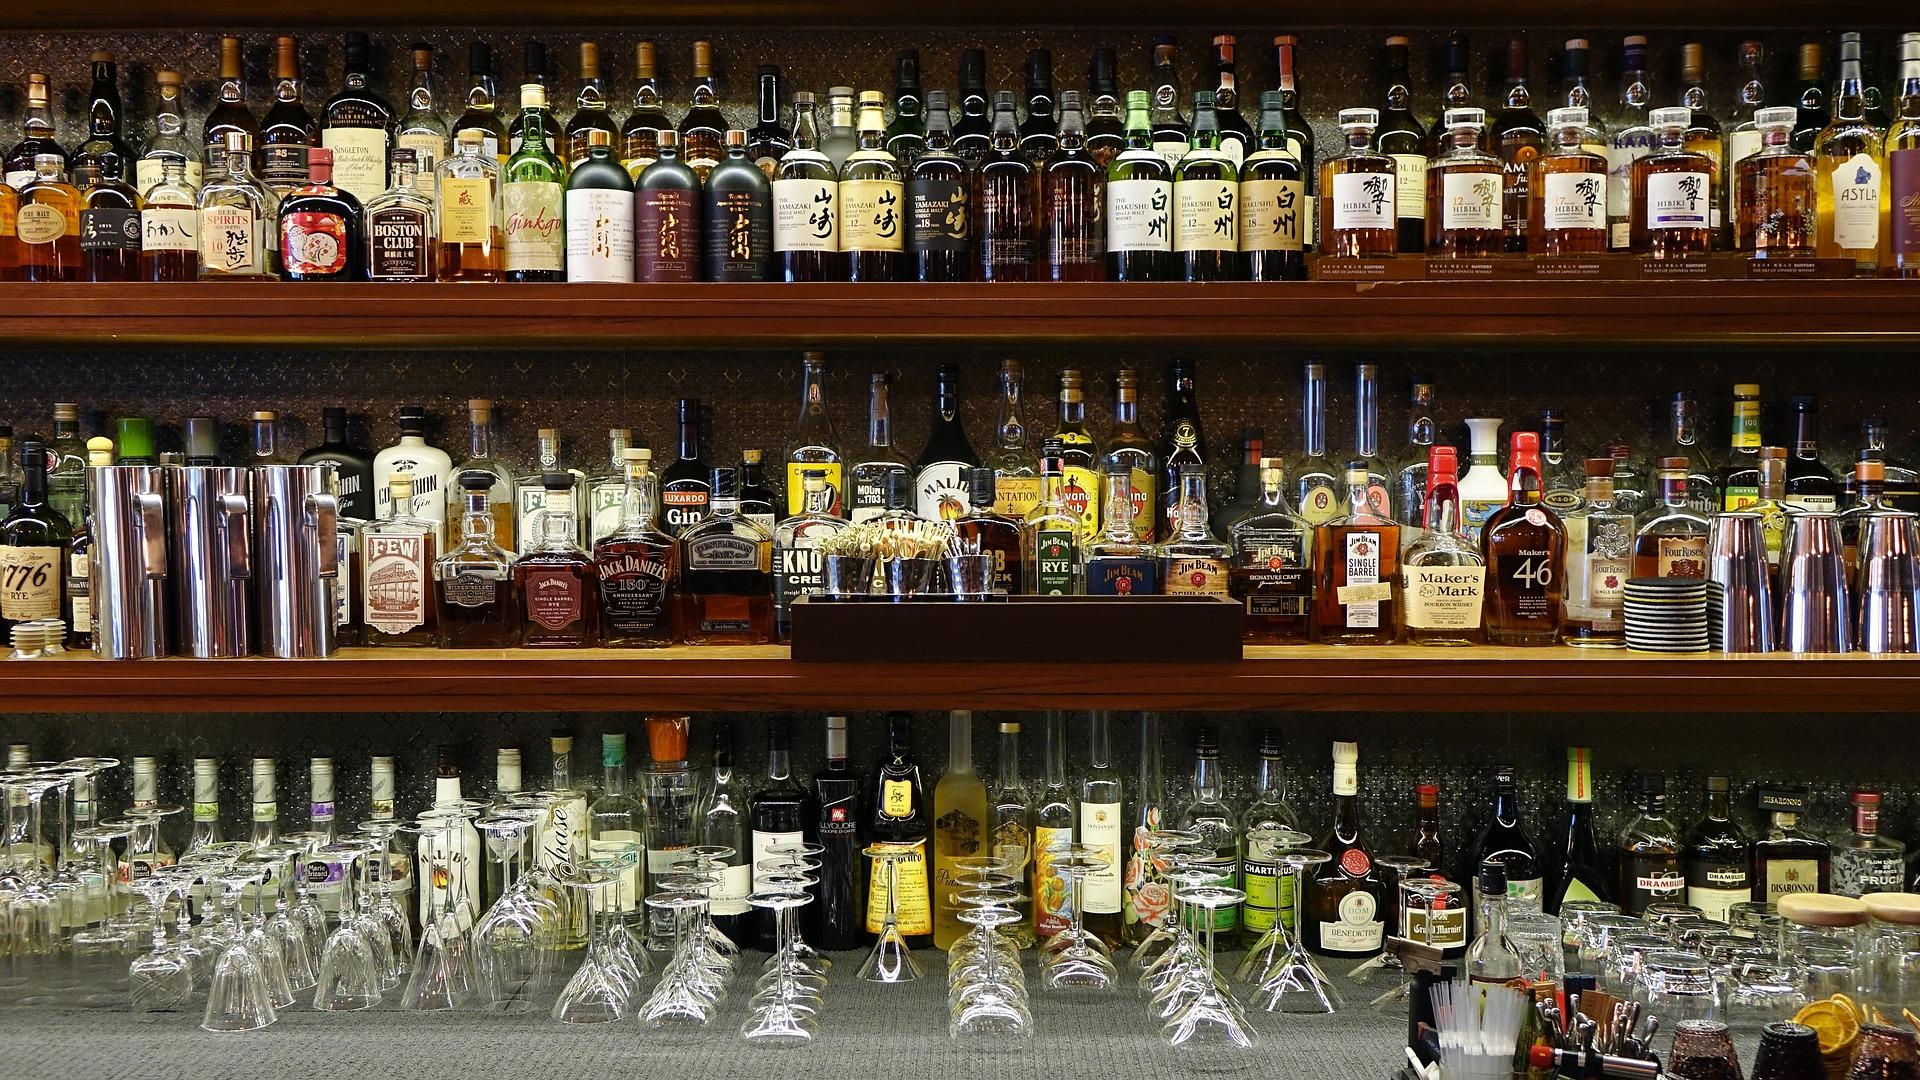 bar-1845963_1920